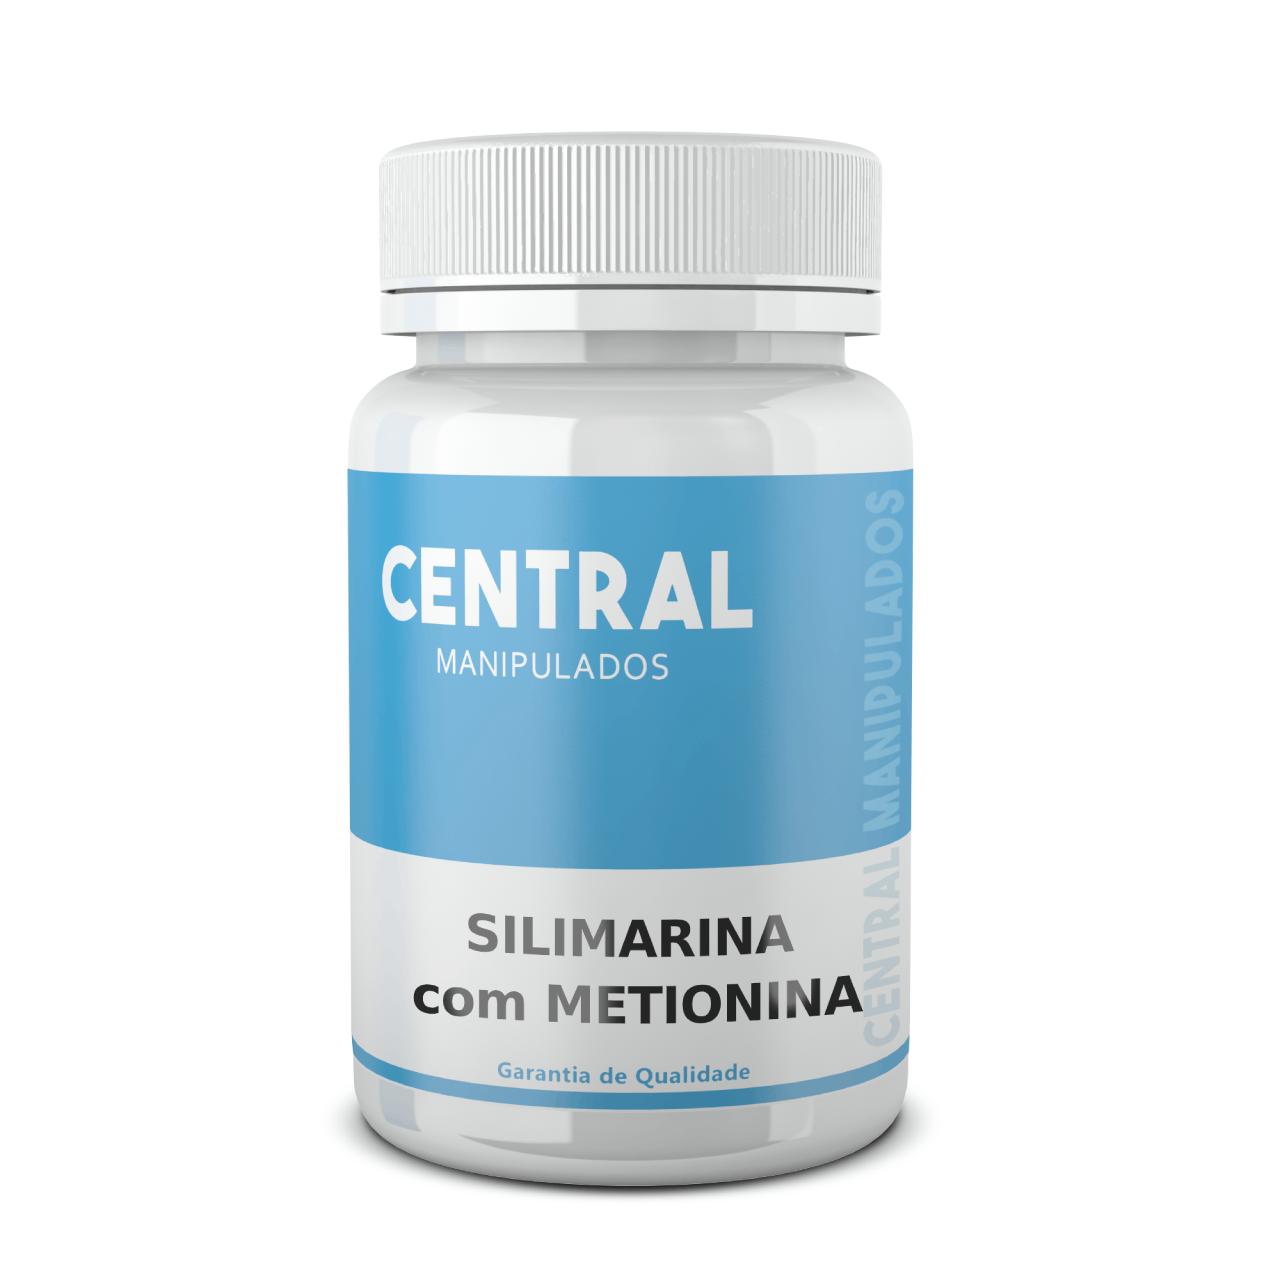 Silimarina 200mg + Metionina 120mg - 60 Cápsulas - Protetor do Fígado Turbinado